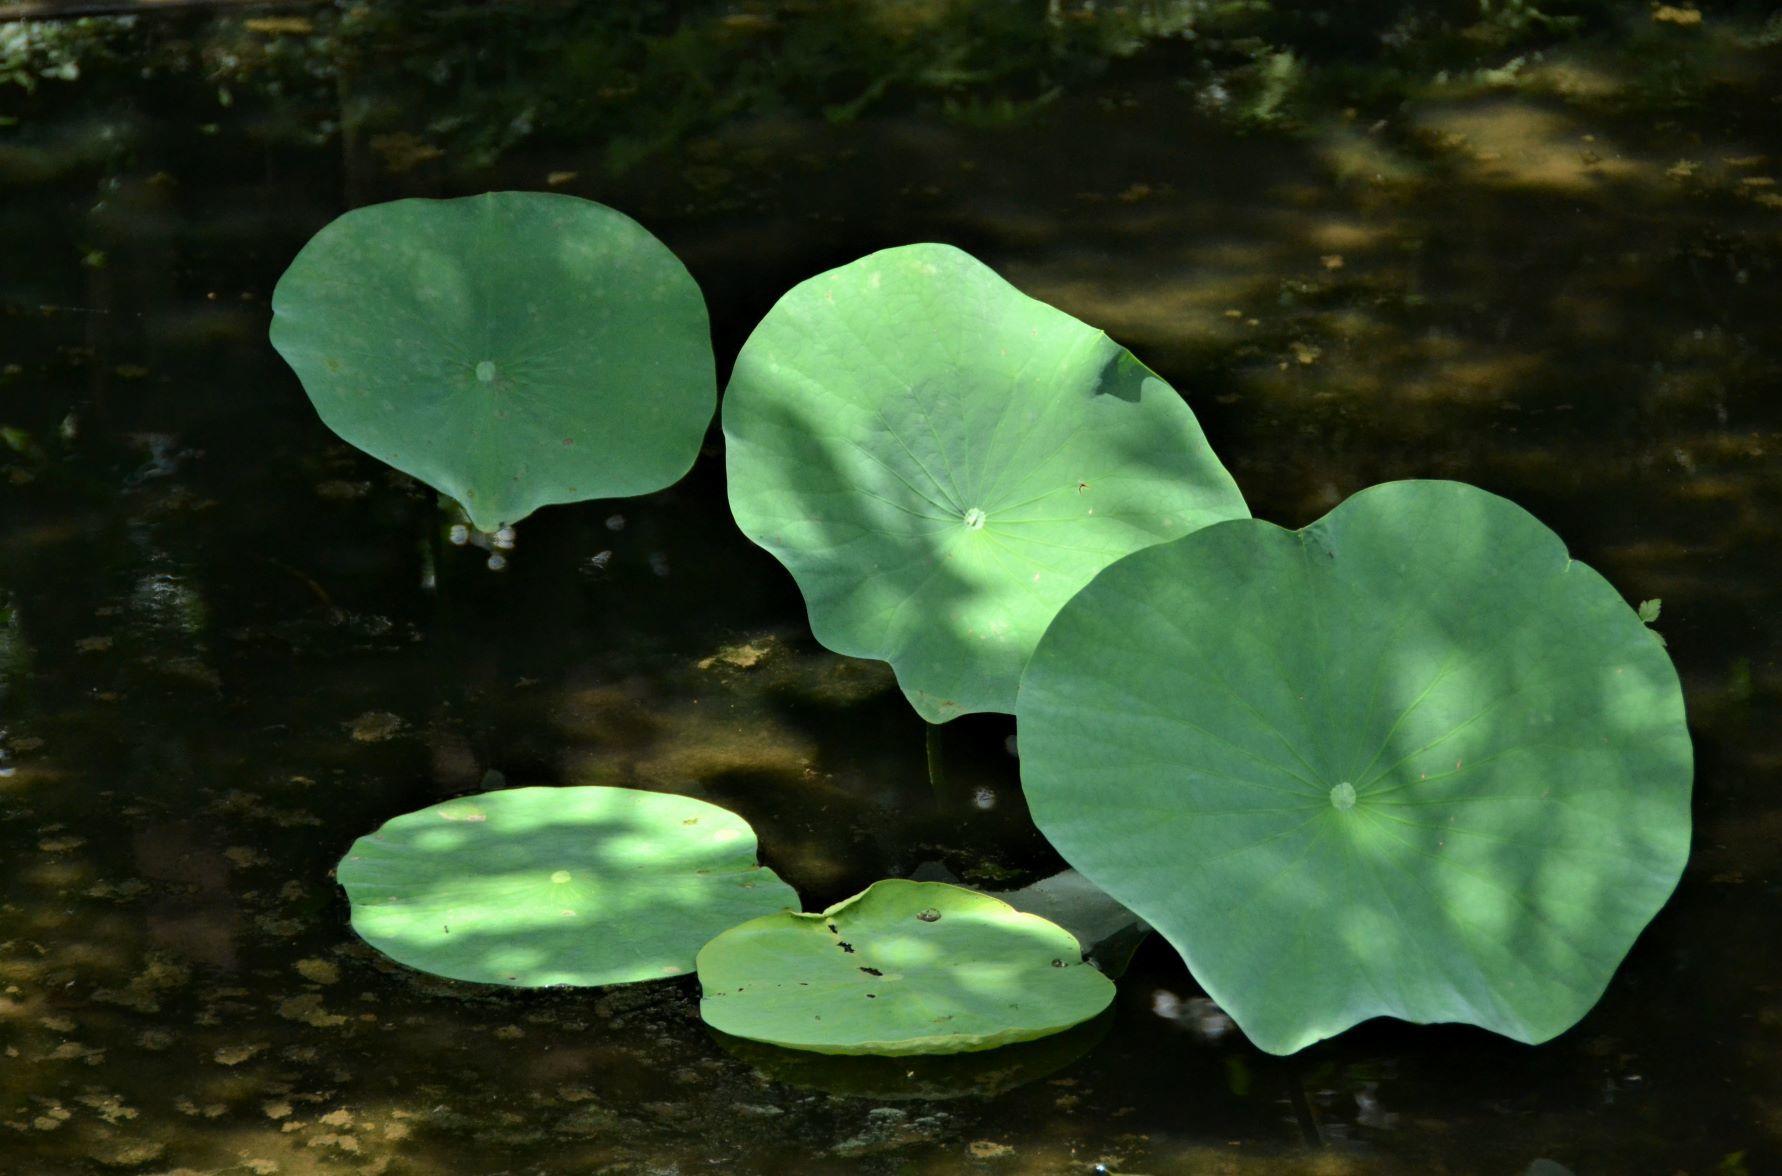 梅雨明けと同時に薬師池公園に・・・_a0053796_11321352.jpg